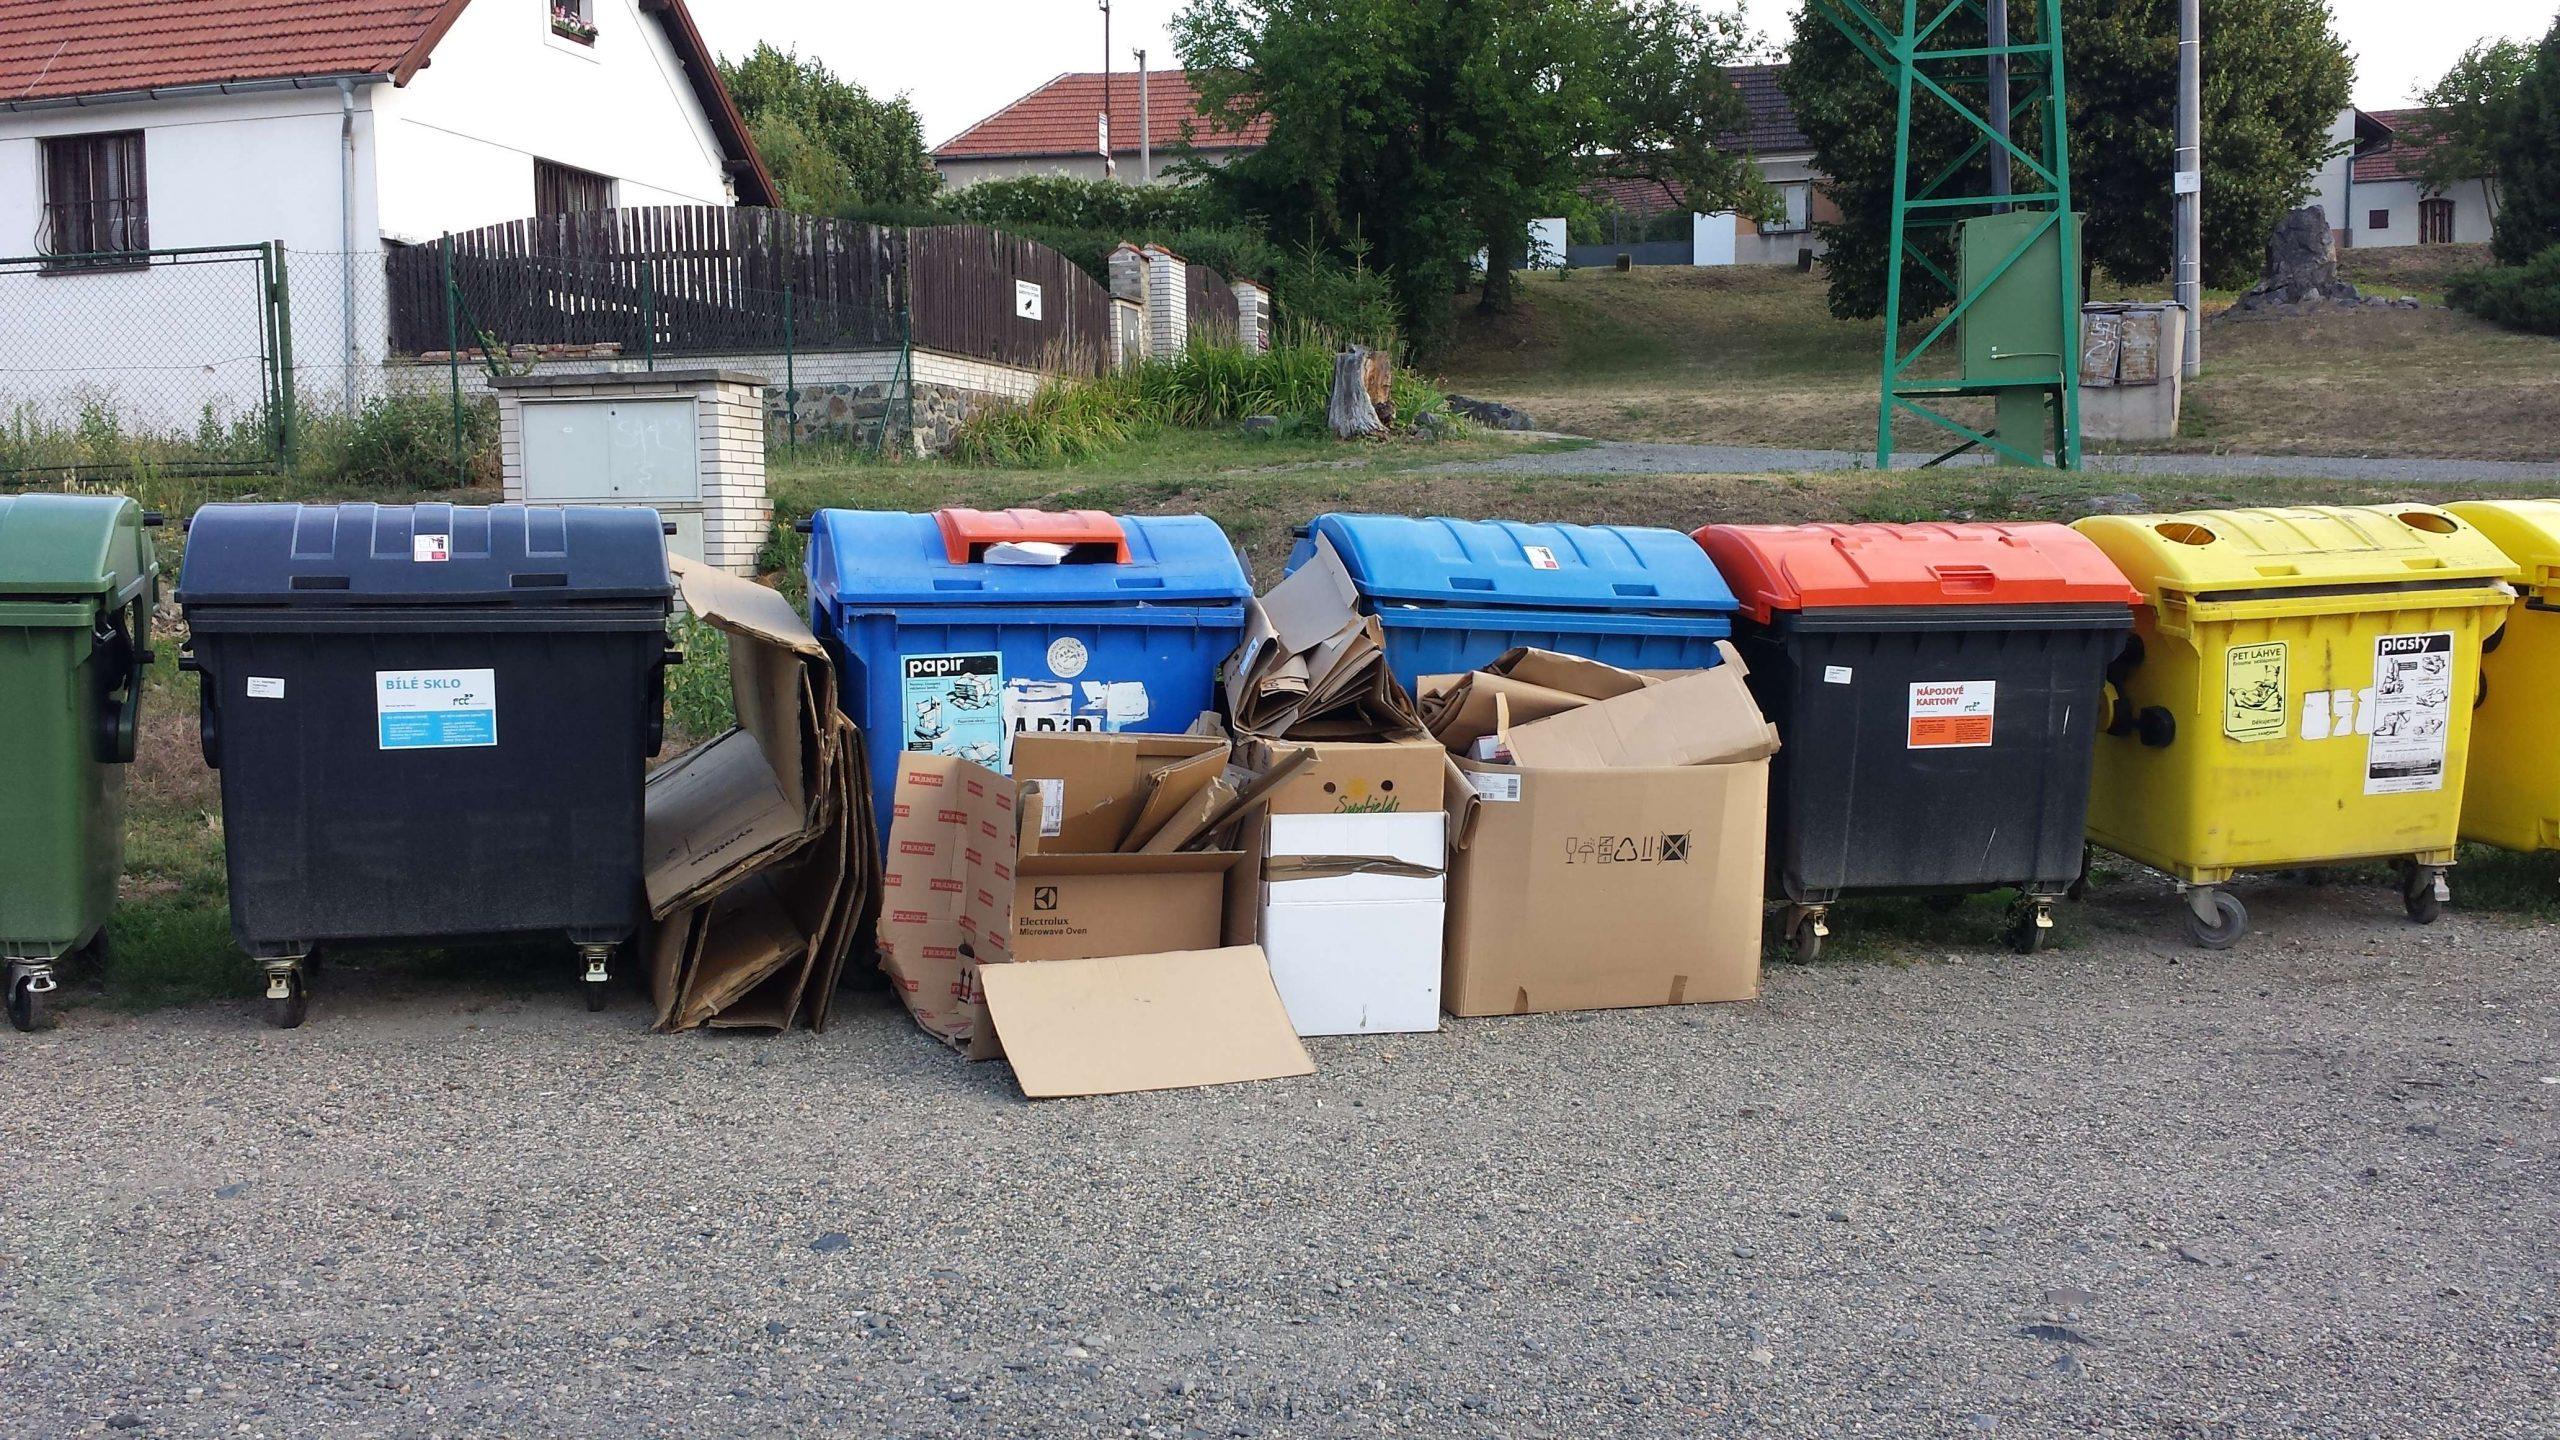 kontejnery ke tvzi 7 2015